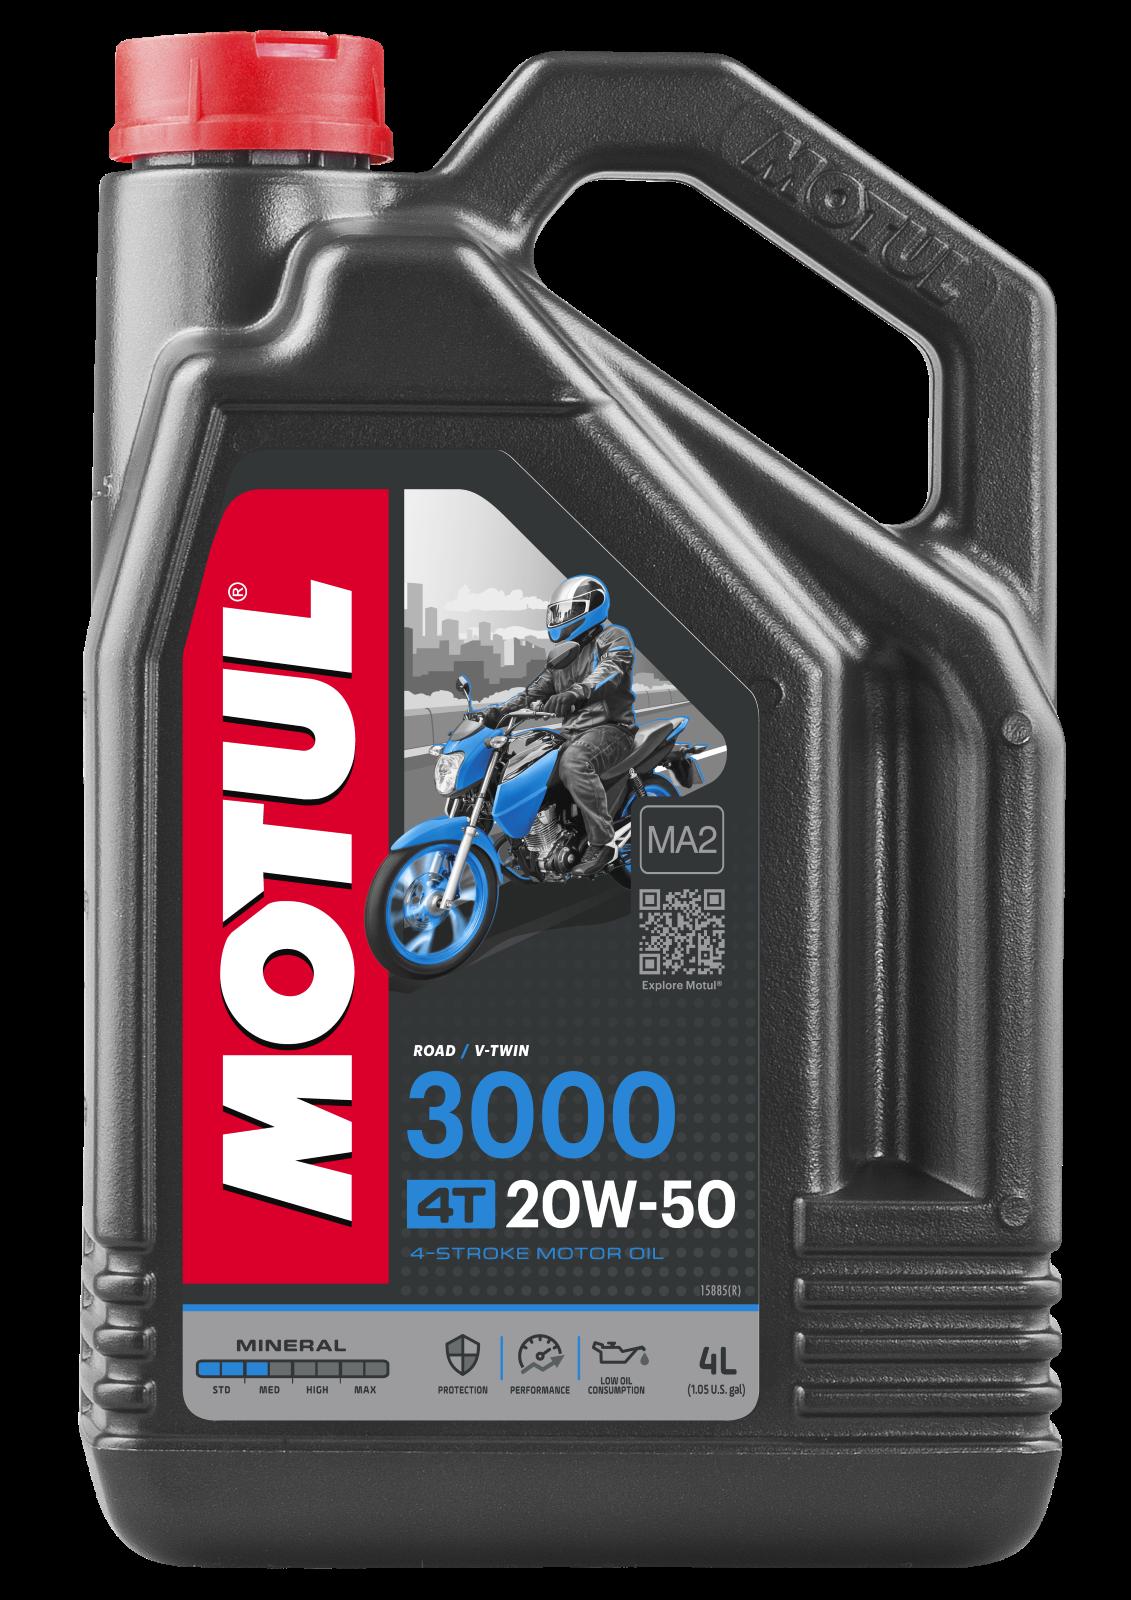 MOTUL AG MOTUL 3000 4T 20W-50 4L